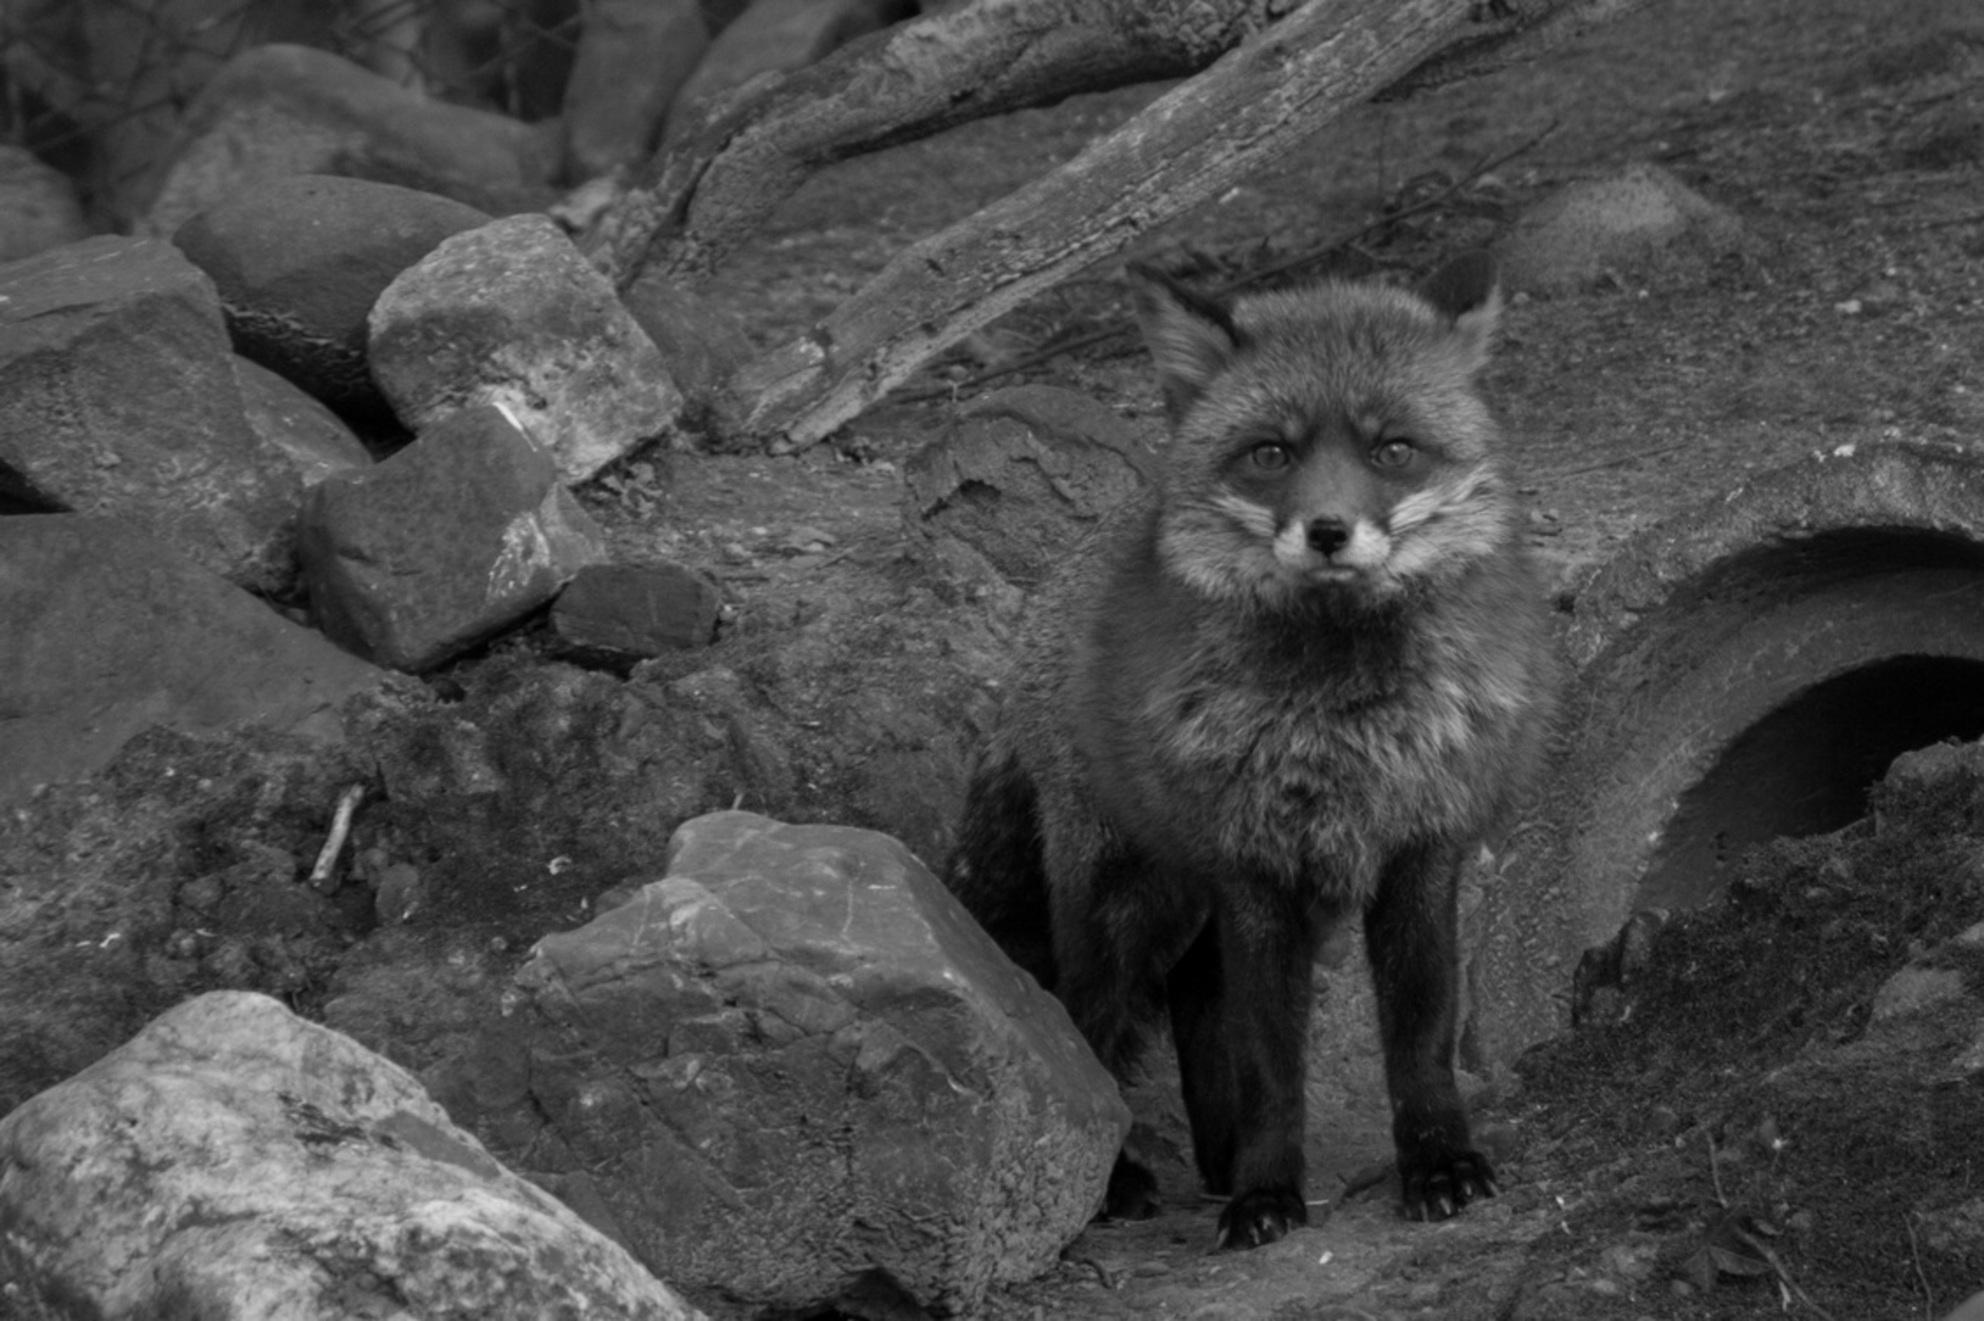 Wie ben jij ? - - - foto door lenax3x op 16-06-2015 - deze foto bevat: dierentuin, dieren, vos, lief, jong, zoo, cute